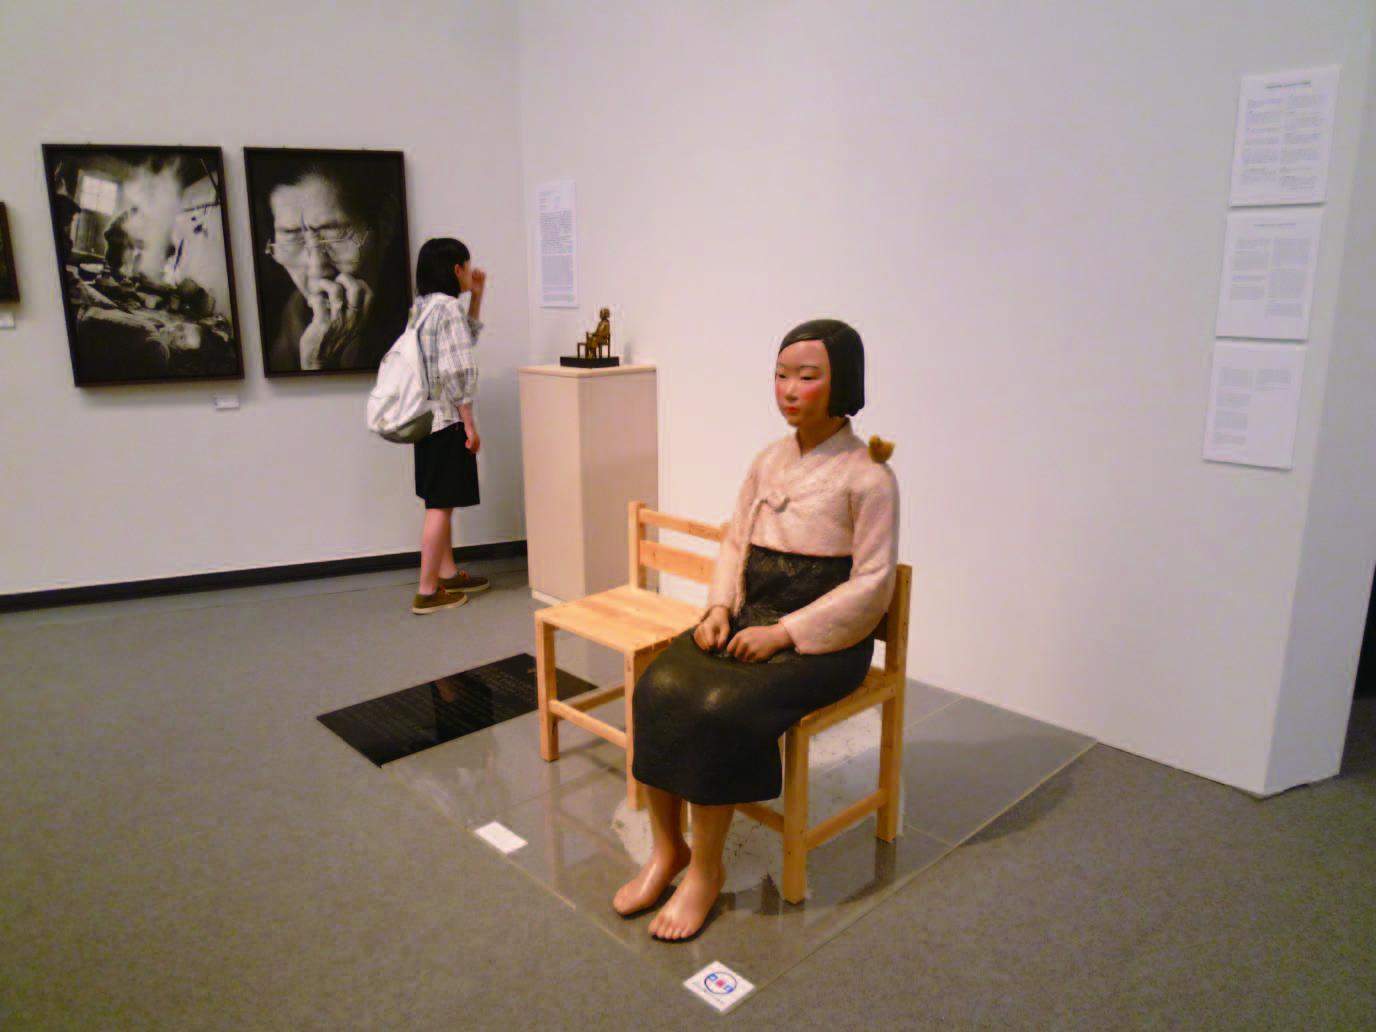 キム・ソギョン、キム・ウンソン 平和の少女像 2019 年(*中止前に筆者が撮影)